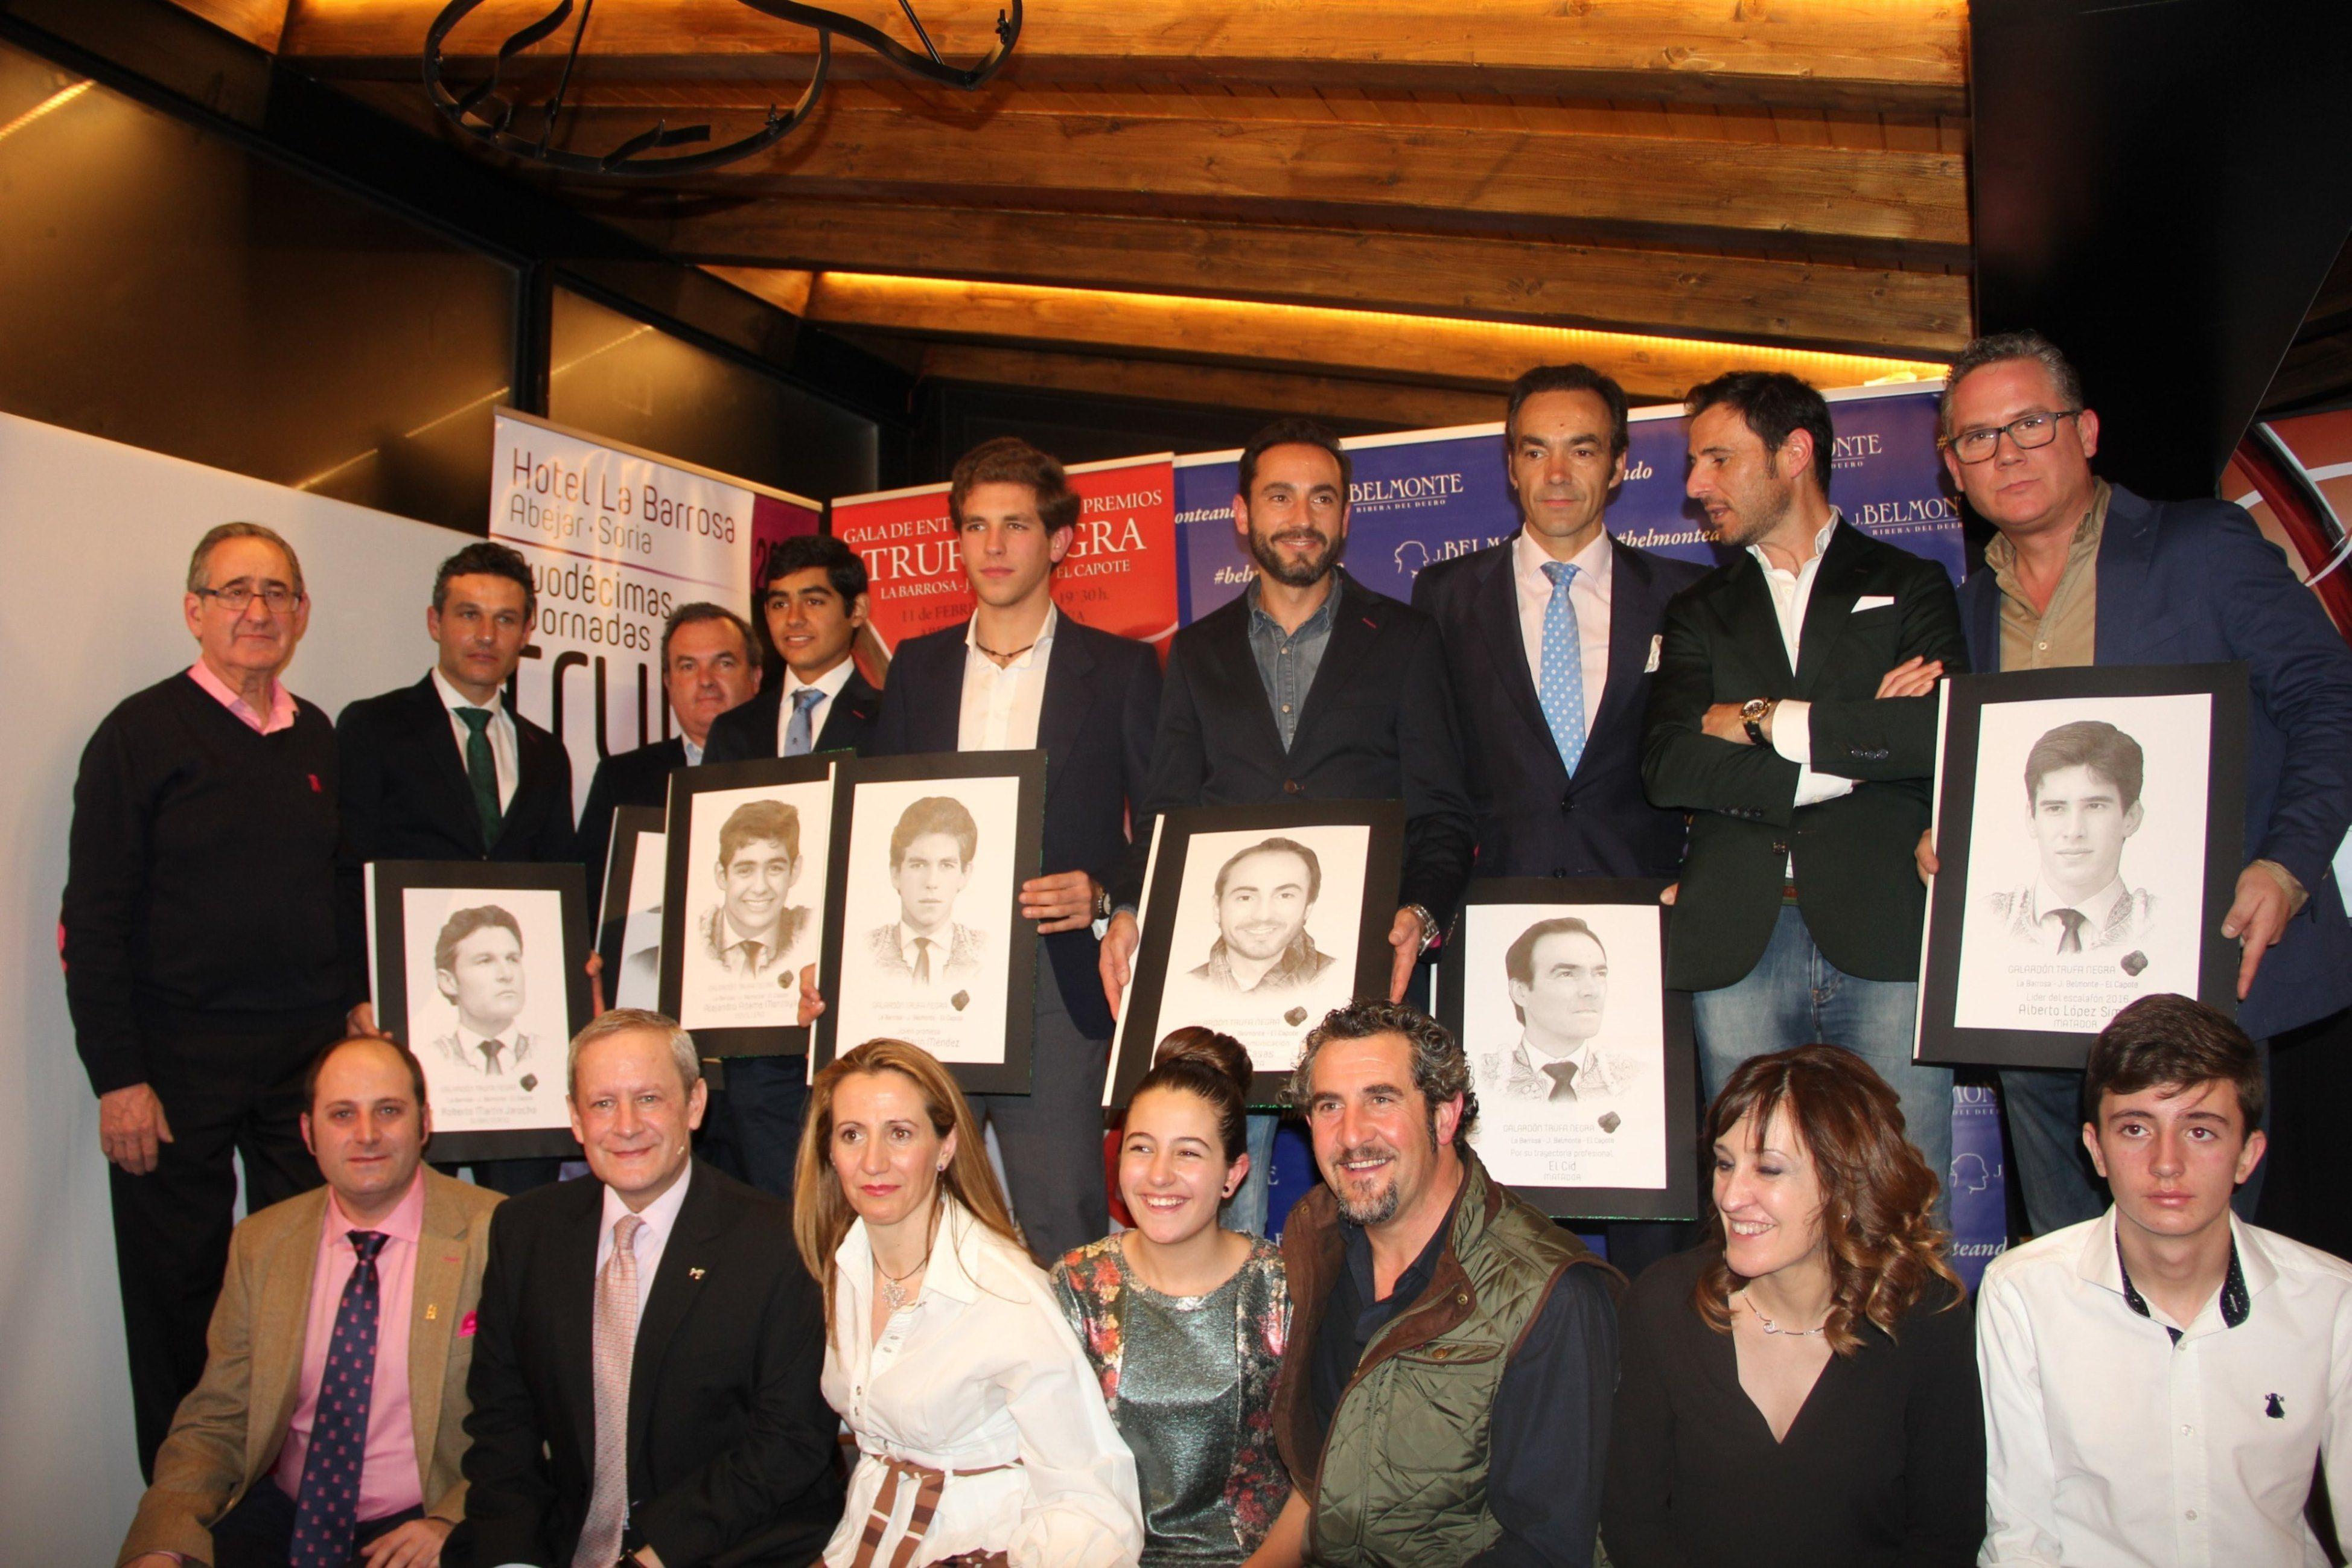 Los III Premios Trufa Negra La Barrosa J.Belmonte congregan a centenares de aficionados a la Fiesta